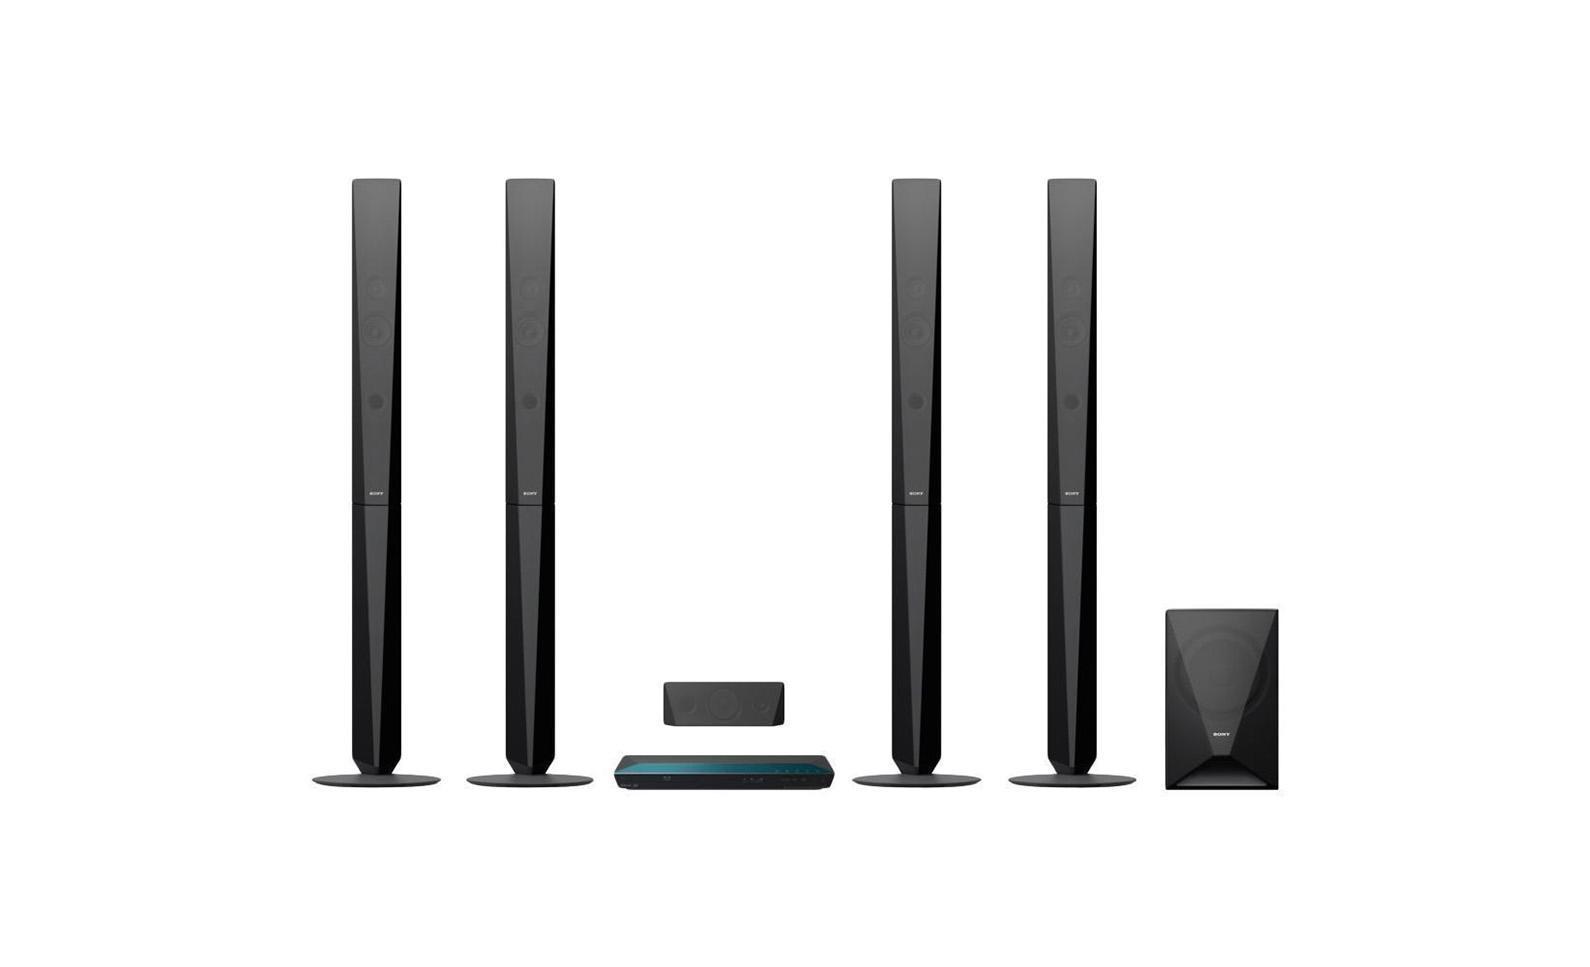 Sony BDV-E6100 домашний кинотеатр4905524897210Наслаждайтесь динамическим объемным звучанием - грохотом в фильмах, ревом толпы на спортивных матчах или вокальными партиями в любимых композициях. Используя доступ к песням в одно касание на смартфоне, поддерживающем NFC и Bluetooth, вы можете начать воспроизведение музыки так же быстро, как шагнуть в комнату. Смотрите ли вы любимый фильм или слушайте музыку, пусть звучание будет по-настоящему впечатляющим. Благодаря щедрой выходной мощности 1000 Вт двух напольных АС, двух сателлитных АС и сабвуфера вы услышите безупречный и мощный окружающий звук, который перенесет вас в эпицентр событий. Передавайте музыку со смартфона или планшетного компьютера с поддержкой Bluetooth и NFC, просто прикоснувшись к системе домашнего кинотеатра. Требуется всего одно касание. Также вы можете передавать музыку в потоковом режиме с ПК, iPhone, iPad или iPod через Bluetooth. Каким бы ни был ваш выбор, технология Digital Music Enhancer обрабатывает звук, делая его чище. Благодаря встроенному Wi-Fi, вы...